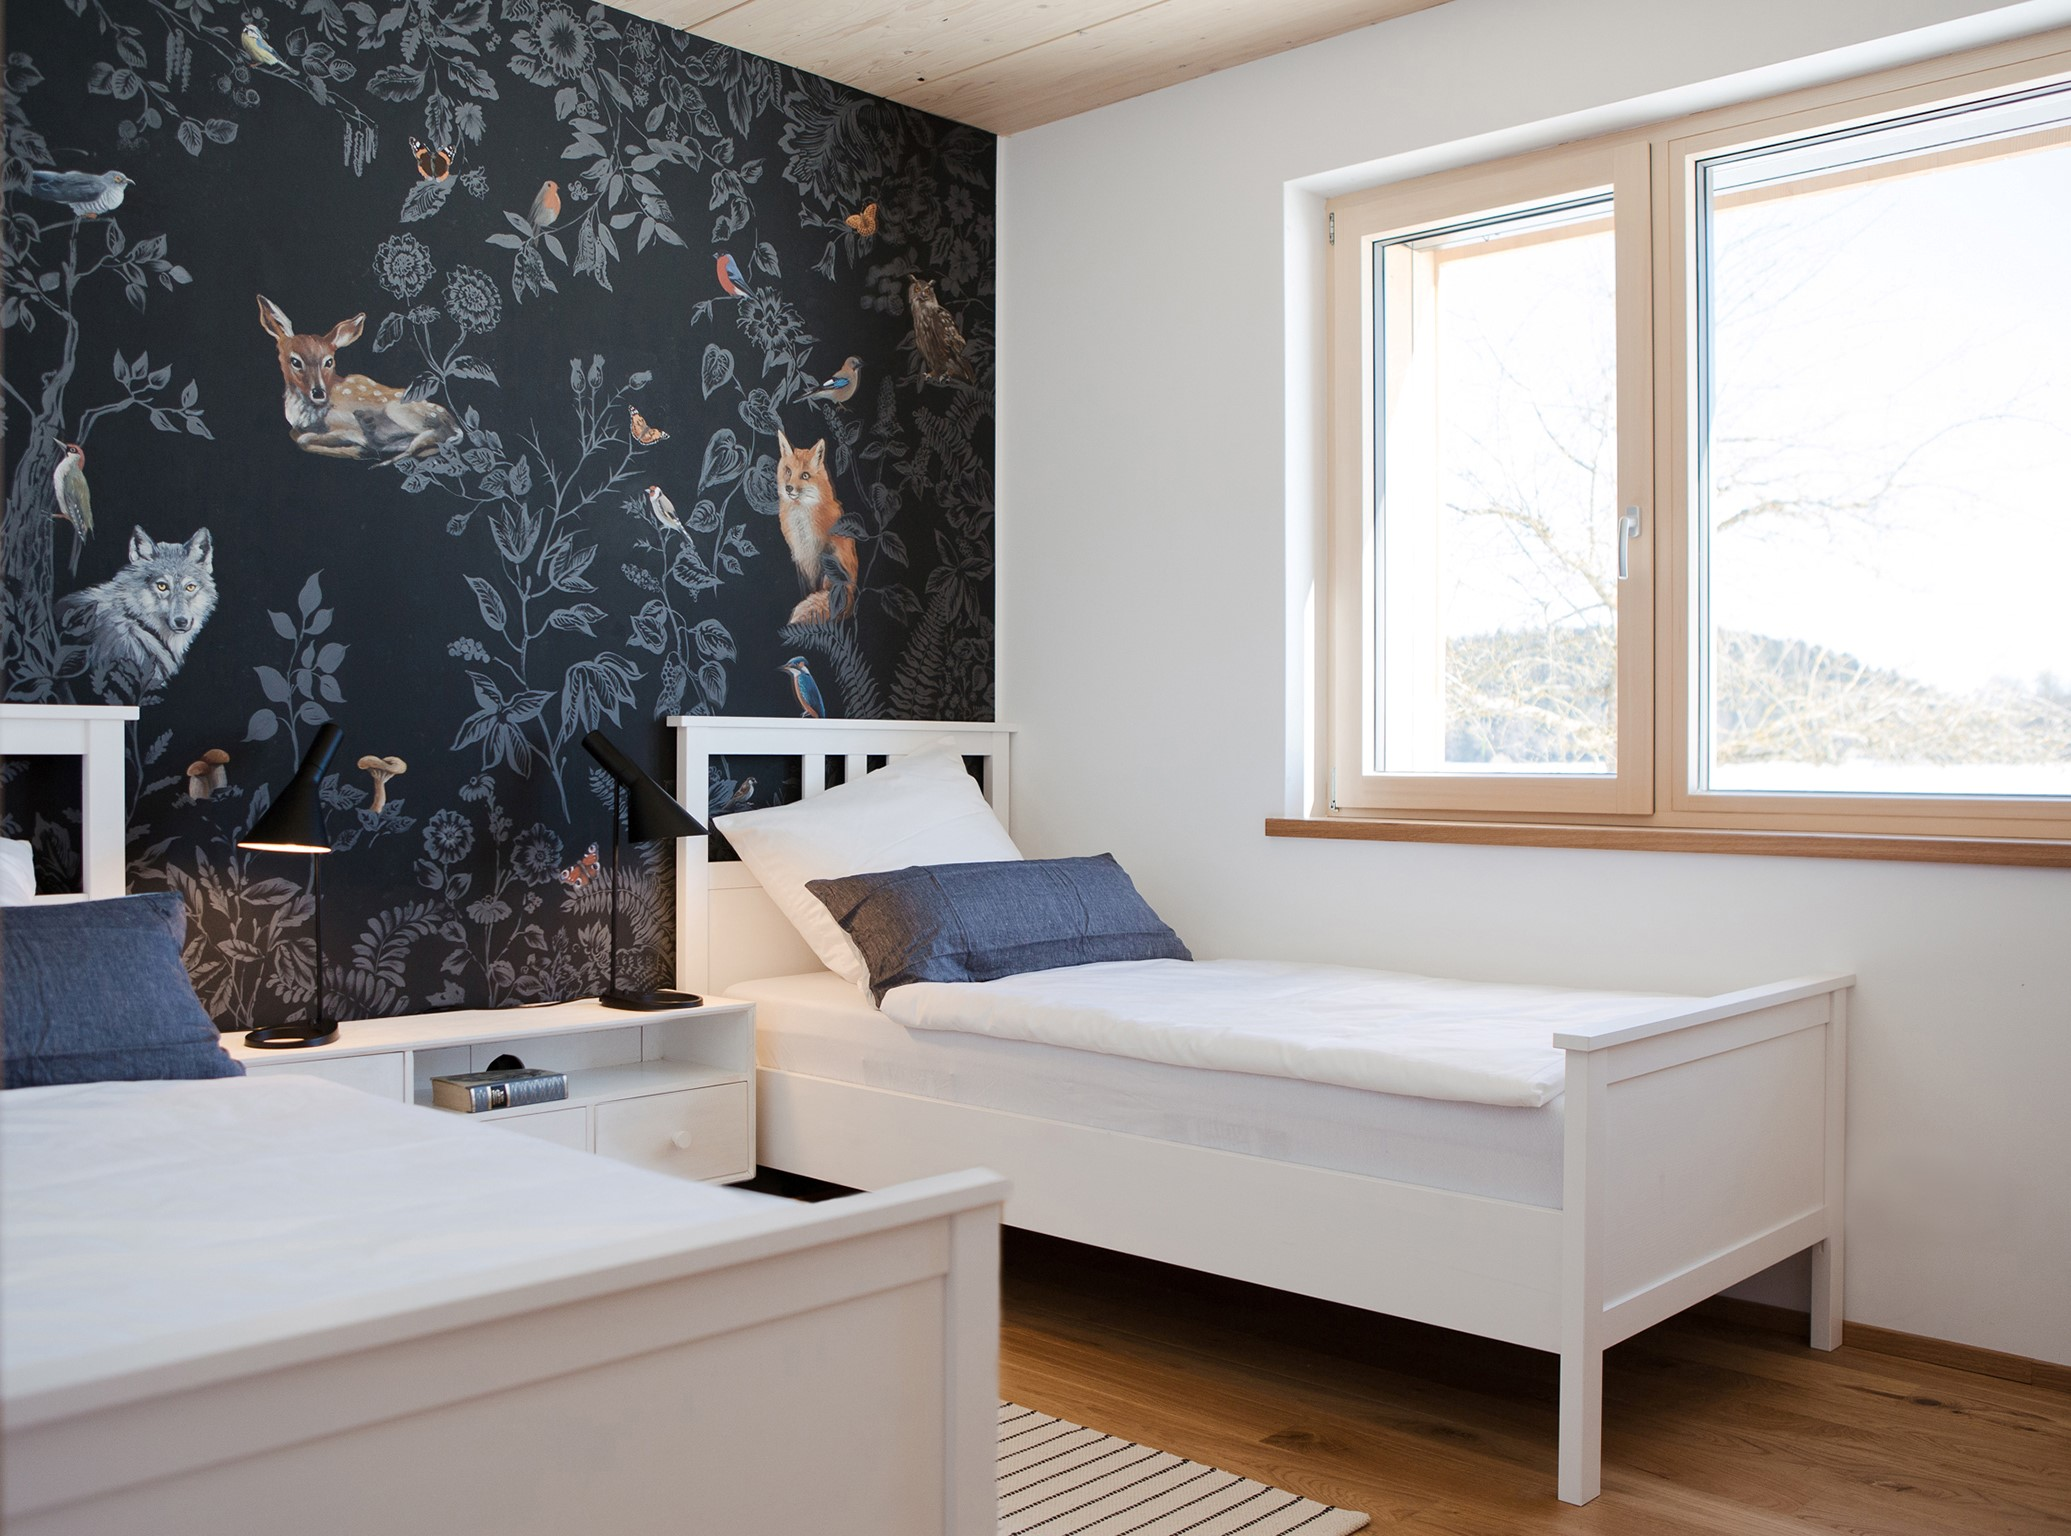 Appartement de vacances Schmidhuber - Ferienhaus im Obstanger (DE Chieming). Ferienwohnung MAX - 1-4 Personen, 2 s (2597106), Chieming, Lac de Chiem, Bavière, Allemagne, image 13